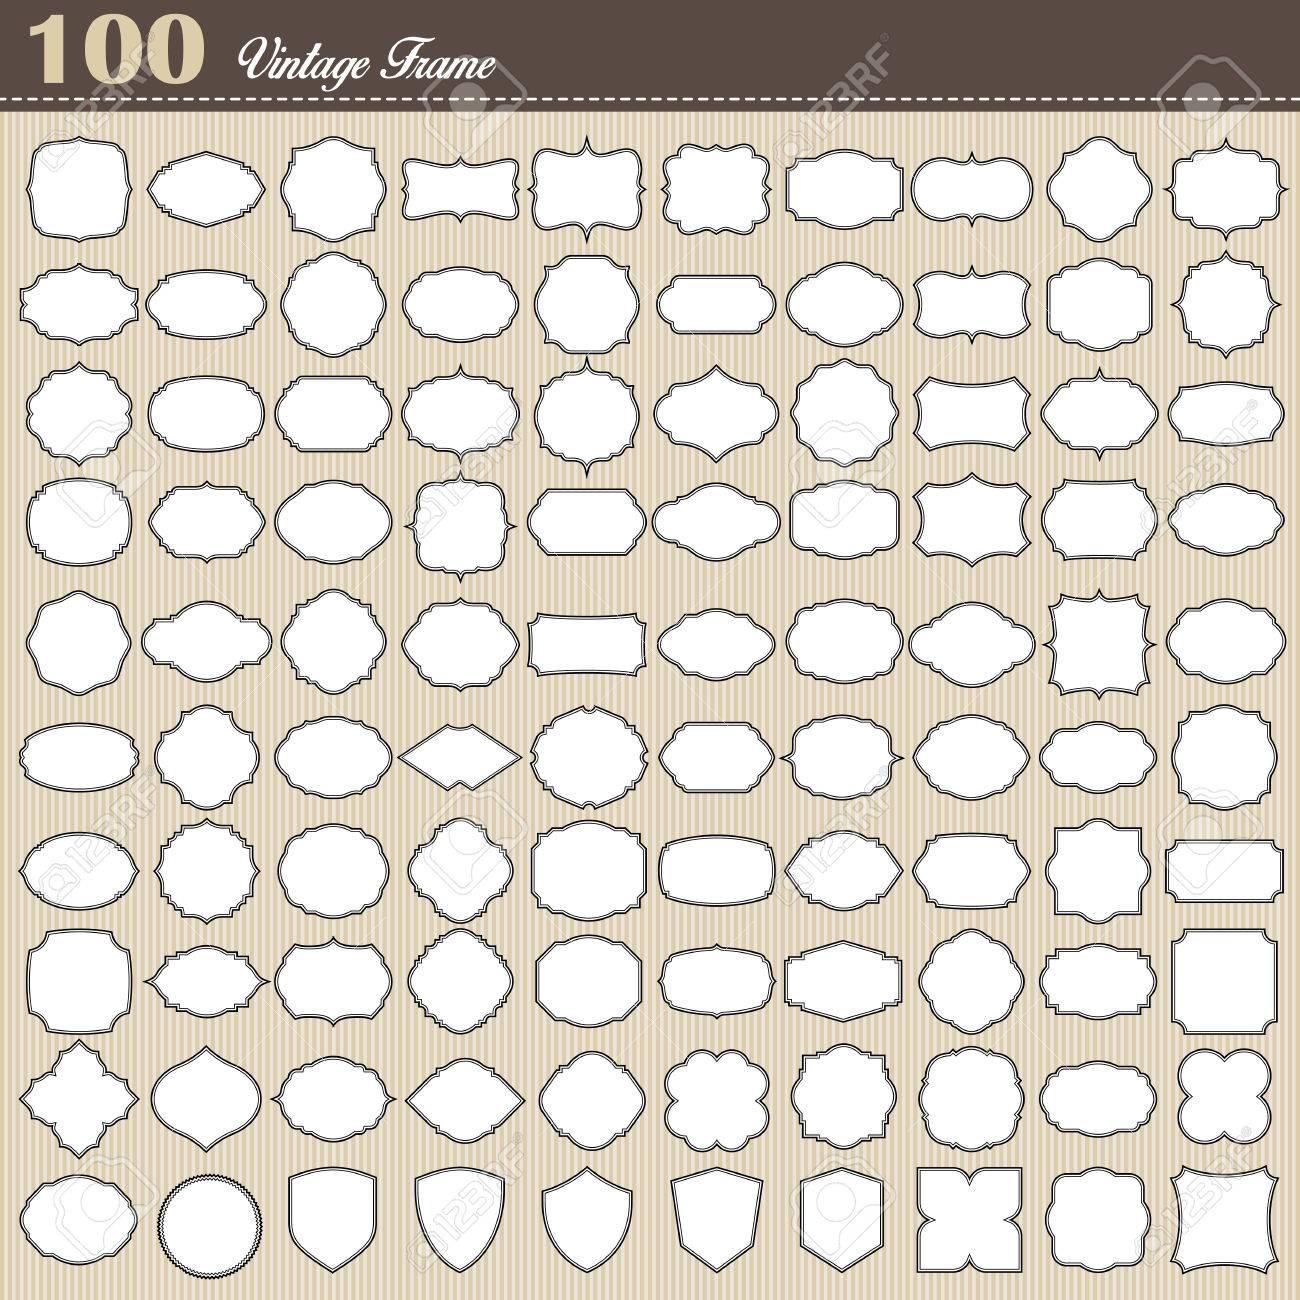 Set of 100 blank vintage frame on white background . Illustration - 37504230